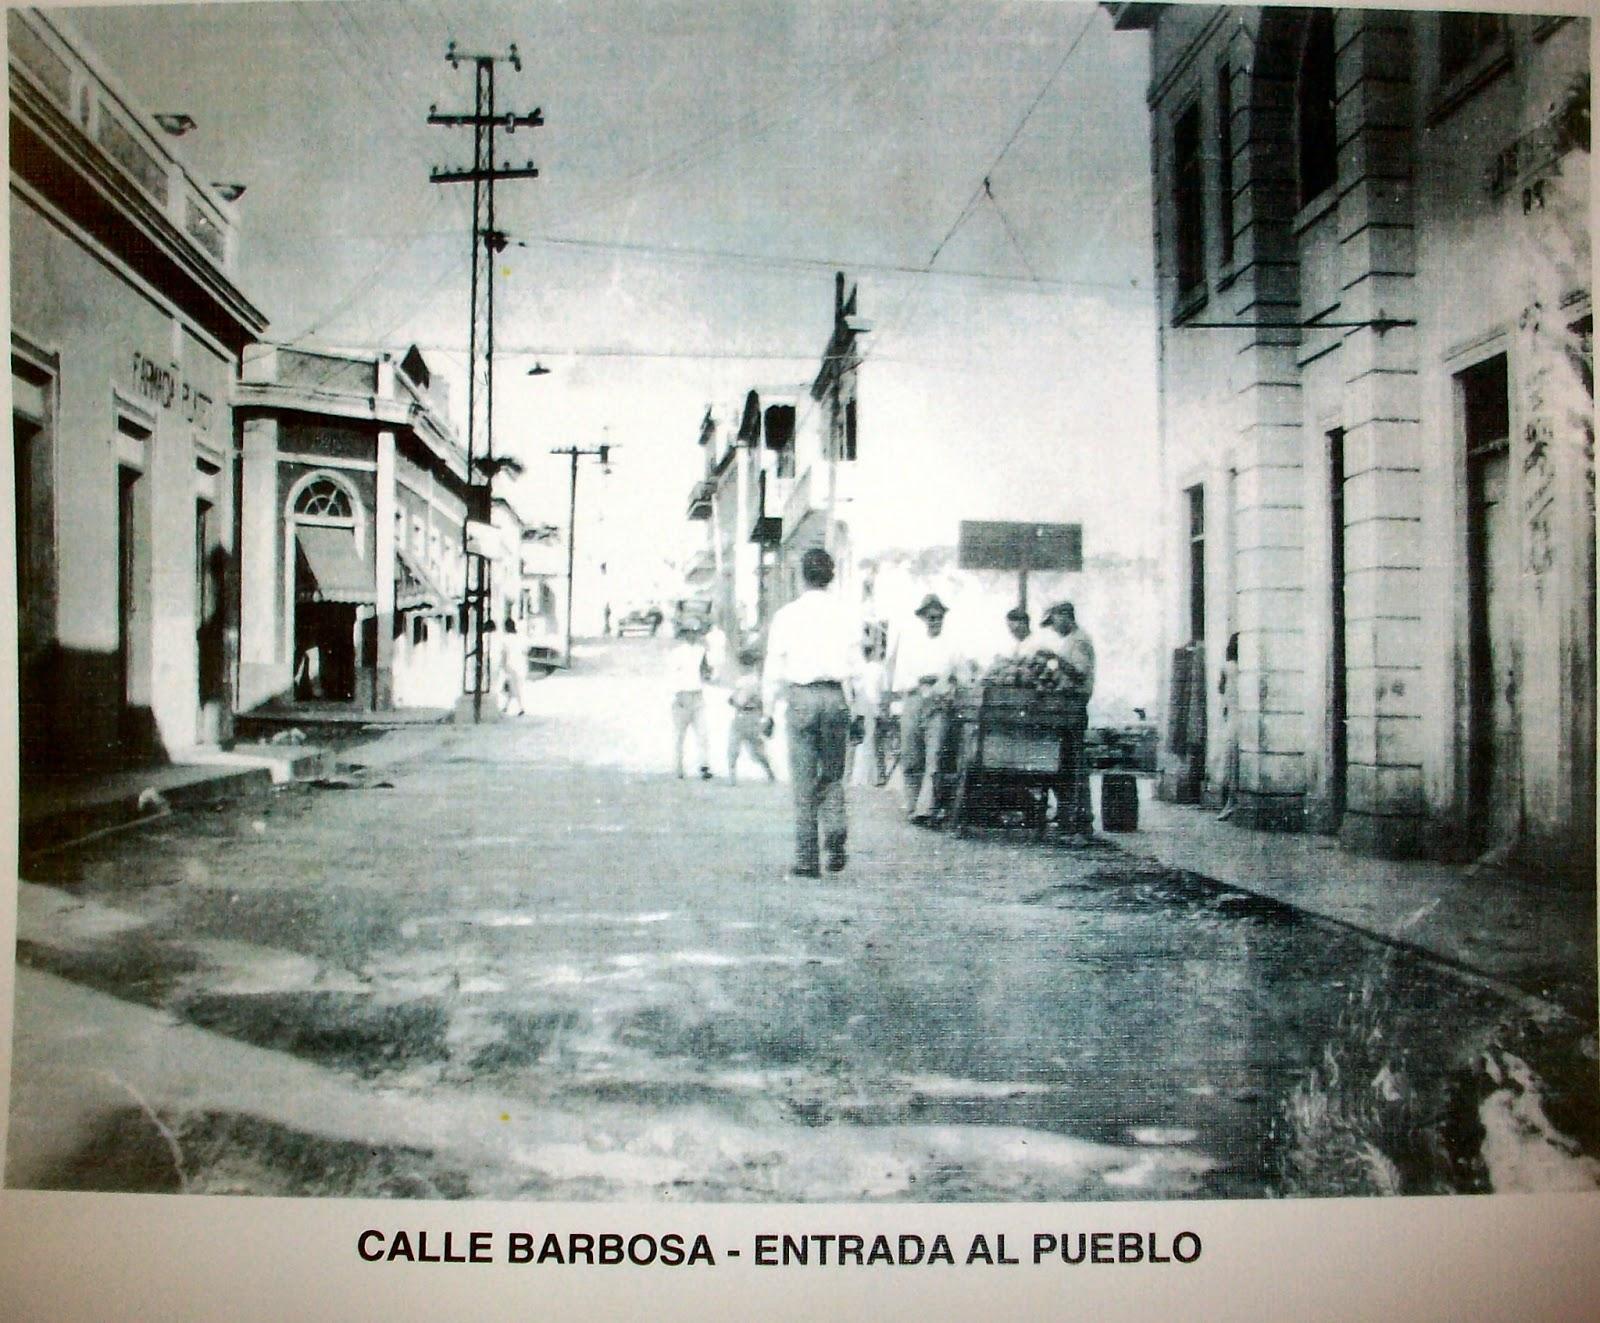 Fotos antiguas de puerto rico - Fotos antiguas de macael ...